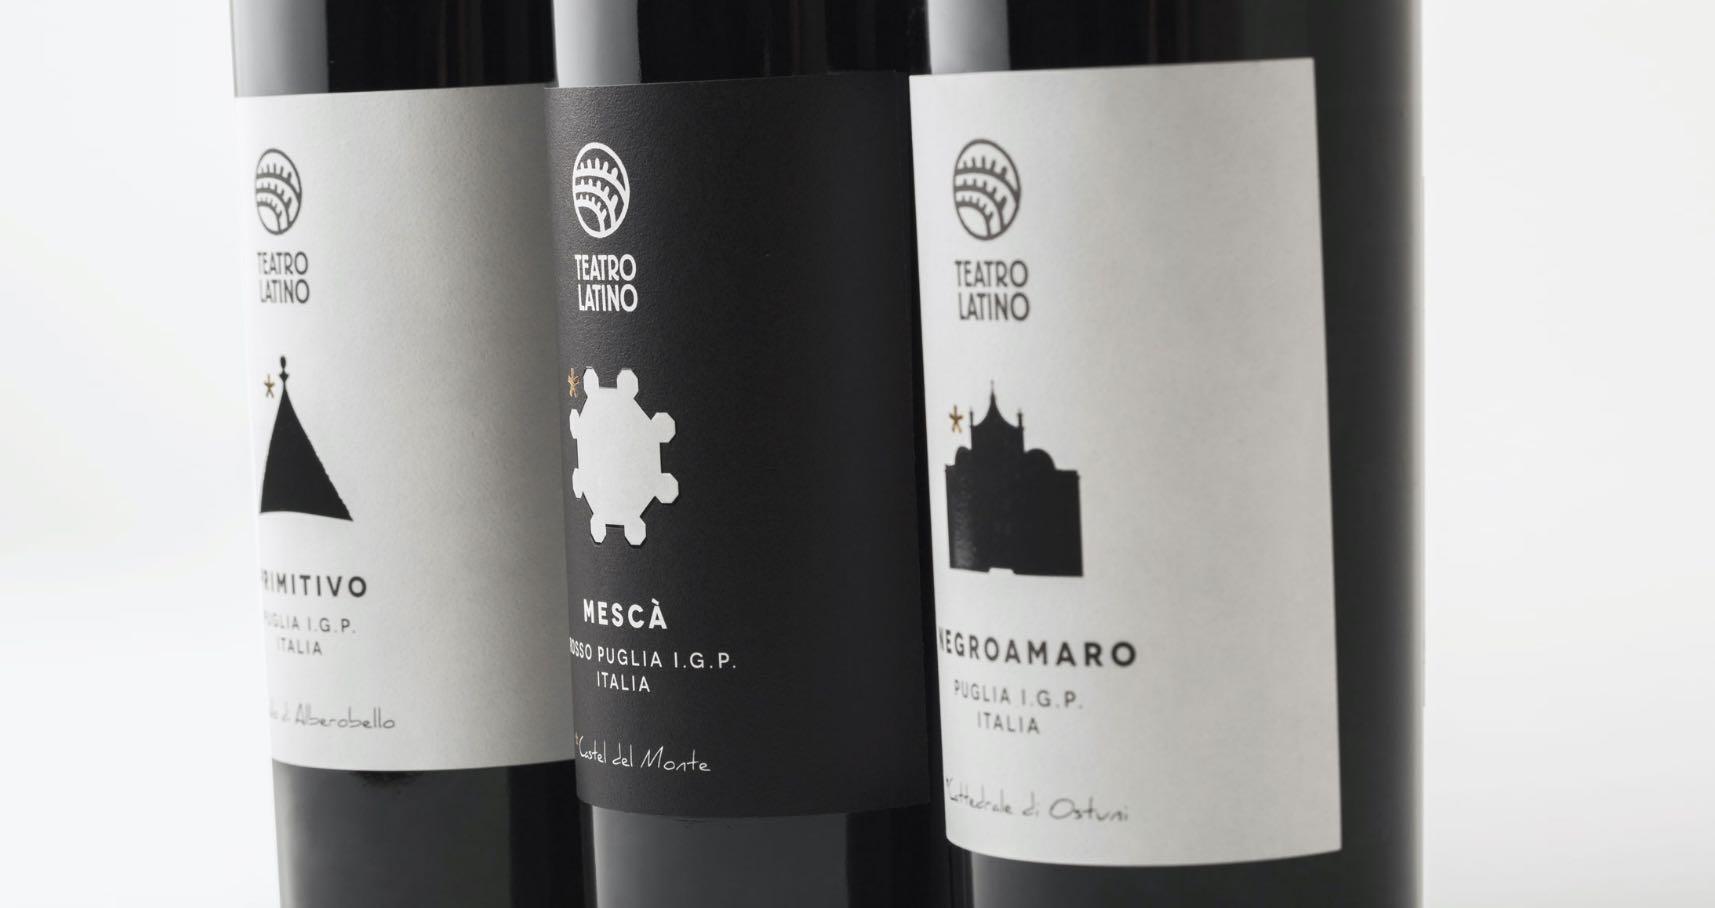 Bottiglie di vino di Teatro Latino